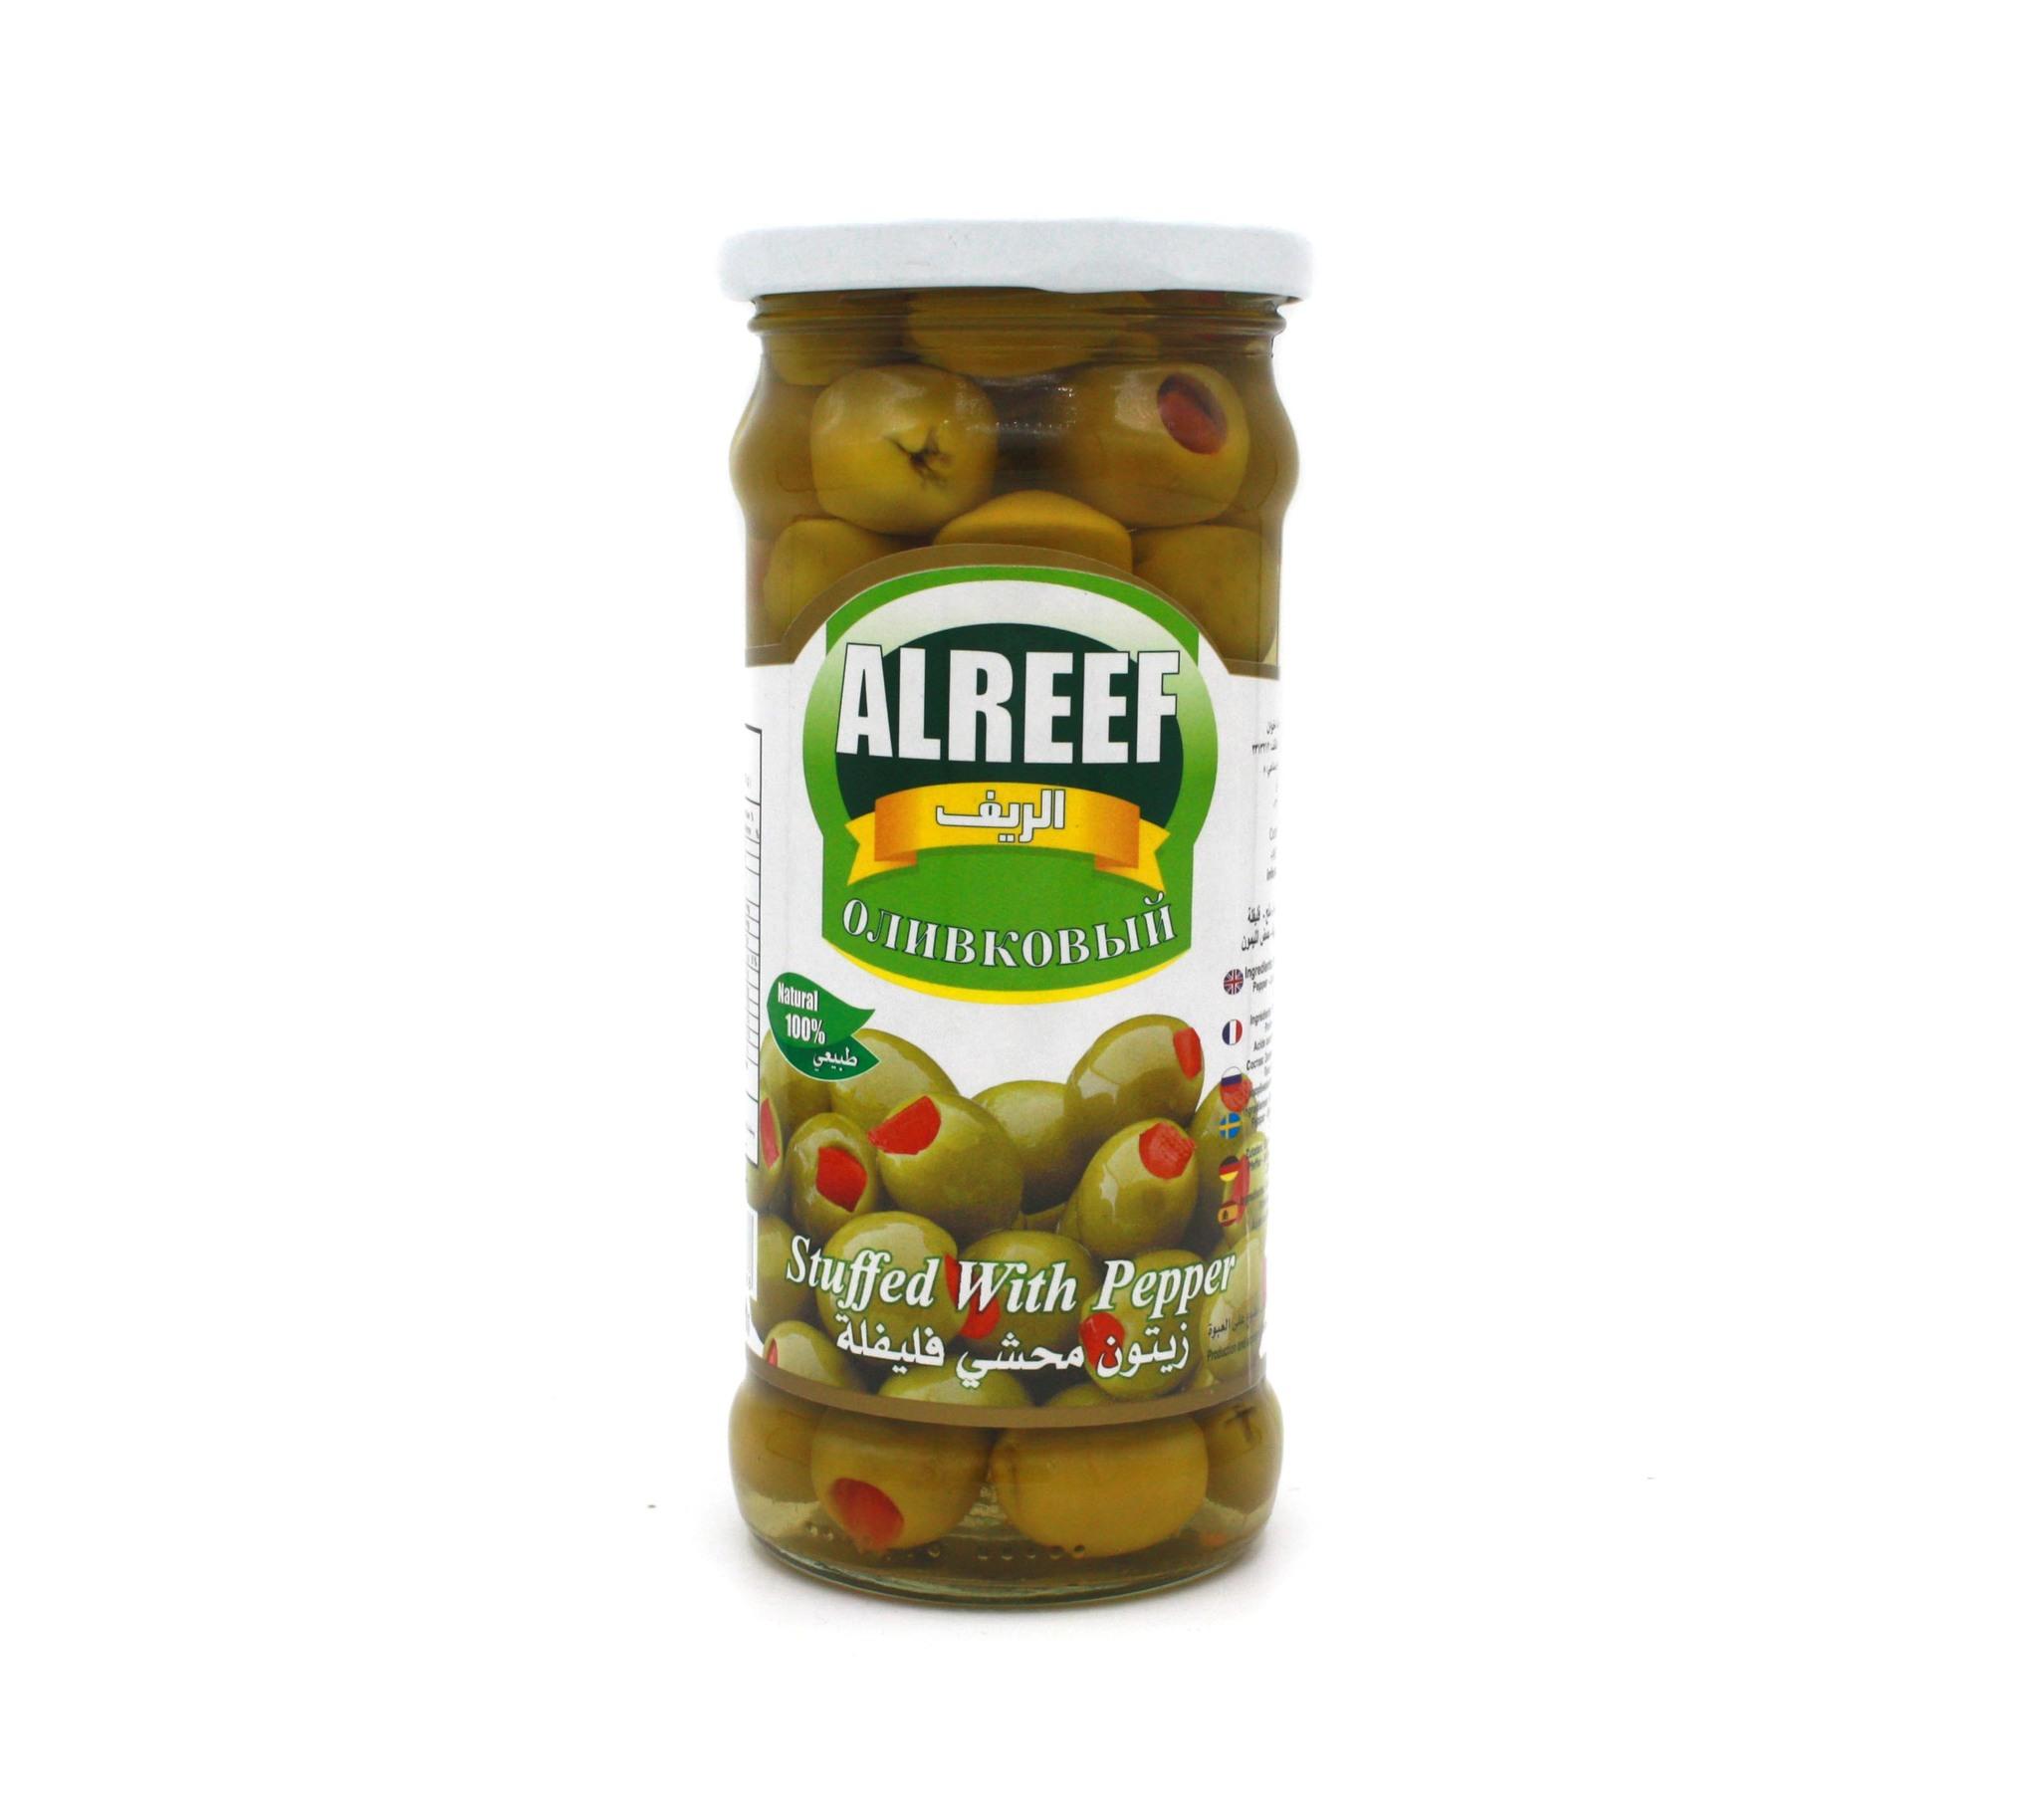 Оливки Оливки зеленые с перцем Al Reef, 360 г import_files_a2_a24b6a3a67e911e89d8f448a5b3752ae_da0404c6657a11e8a996484d7ecee297.jpg